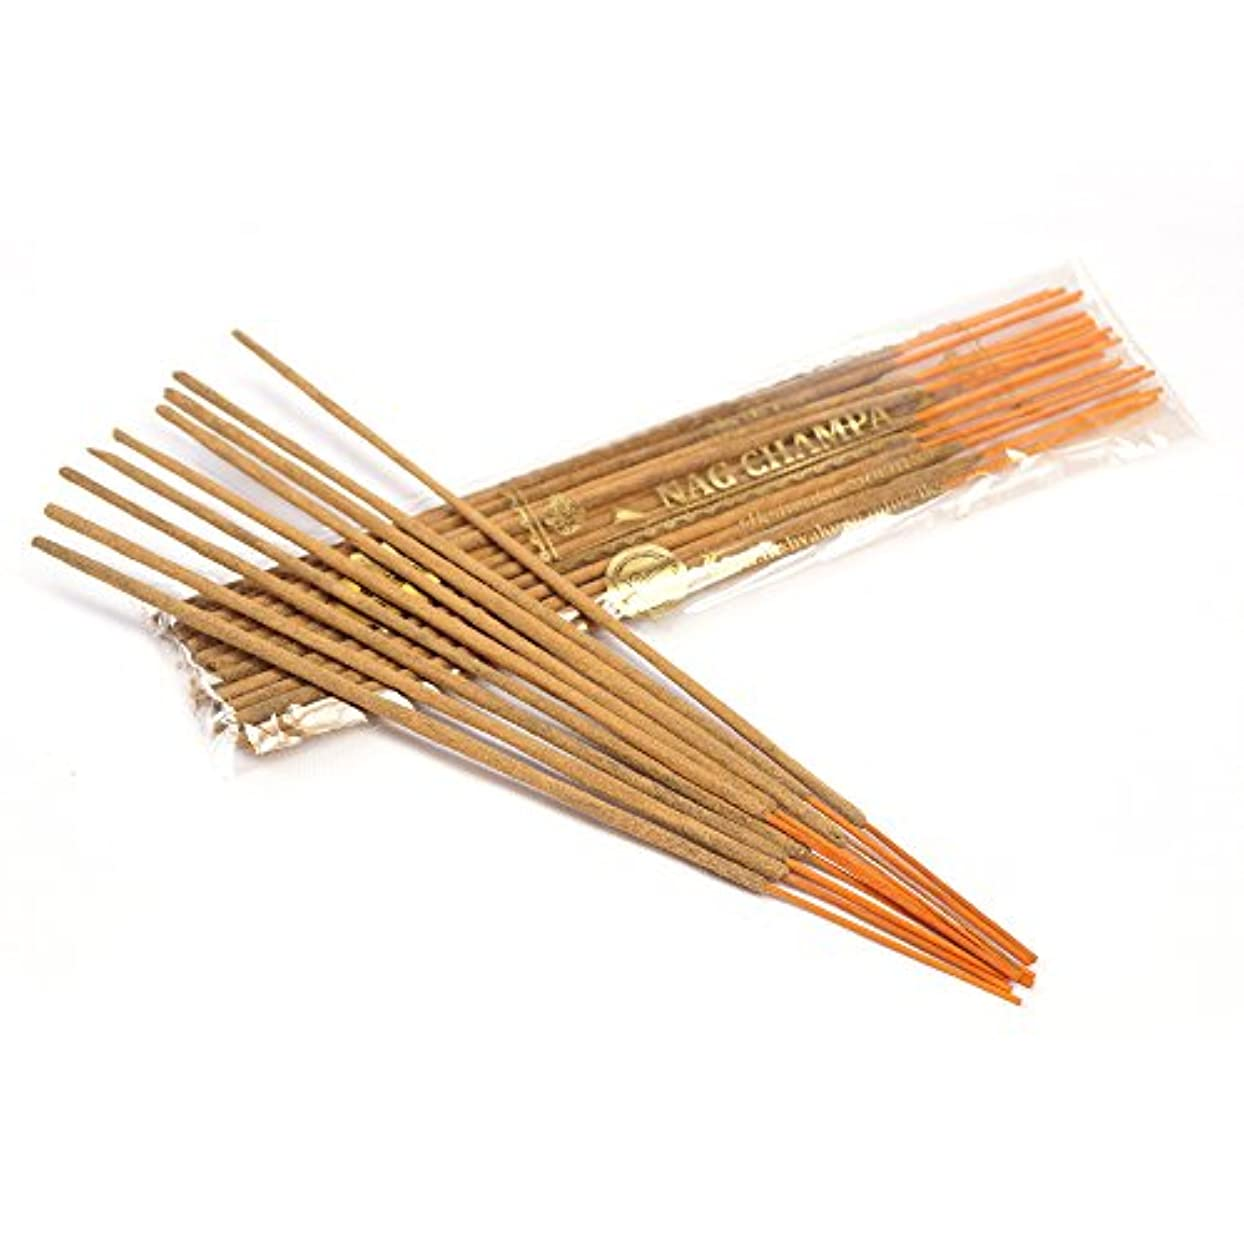 額復讐スパークNag Champa Incense Sticks 250